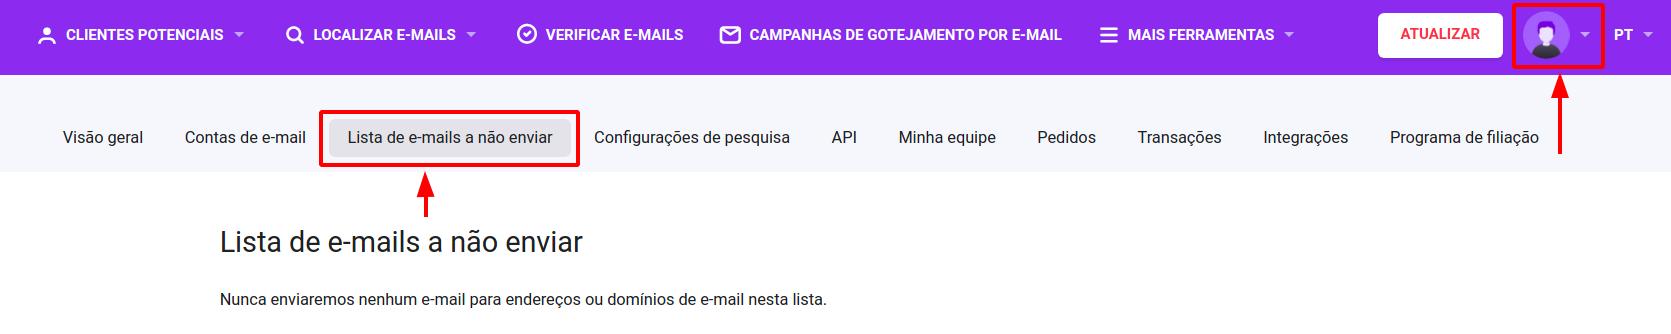 Como adicionar contatos à Lista de e-mails a não enviar